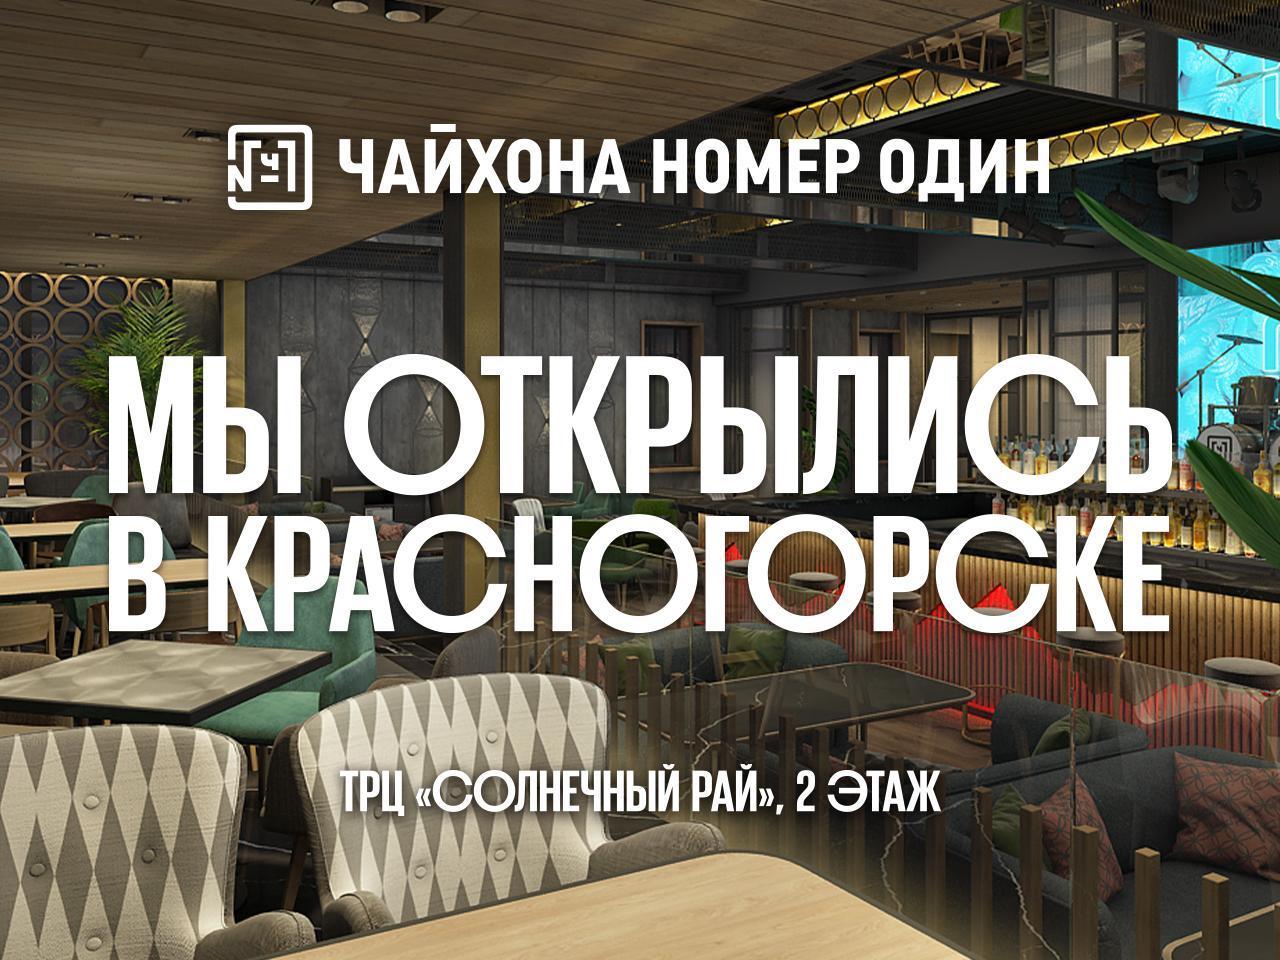 Чайхона №1 теперь в Красногорске